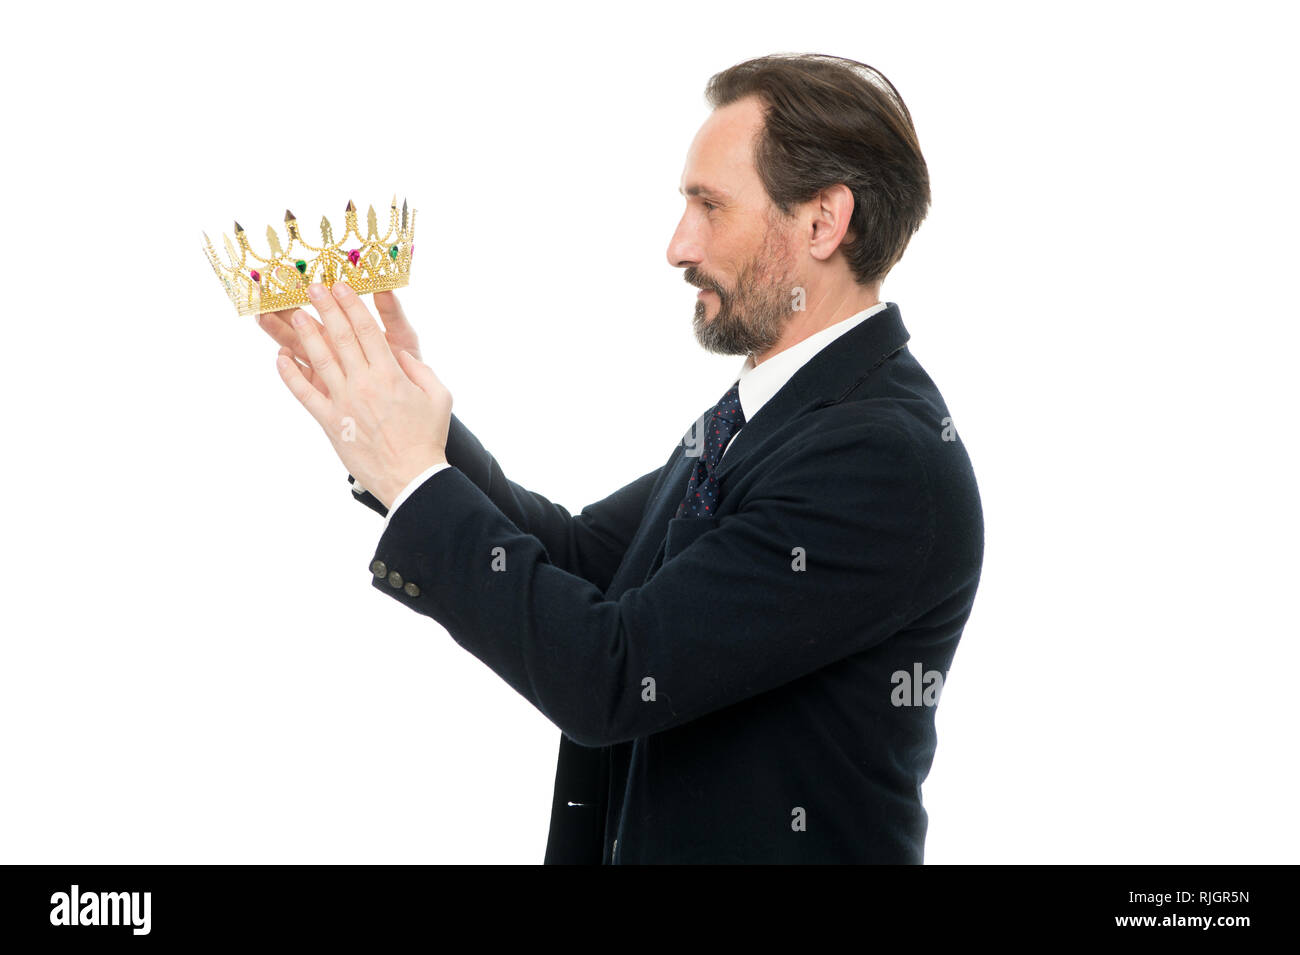 Re attributo. Diventare il prossimo re. Monarchia tradizioni familiari. Natura uomo barbuto ragazzo in tuta tenere Golden crown simbolo della monarchia. La linea diretta al trono. Enorme privilegio. Diventa il re della cerimonia. Immagini Stock